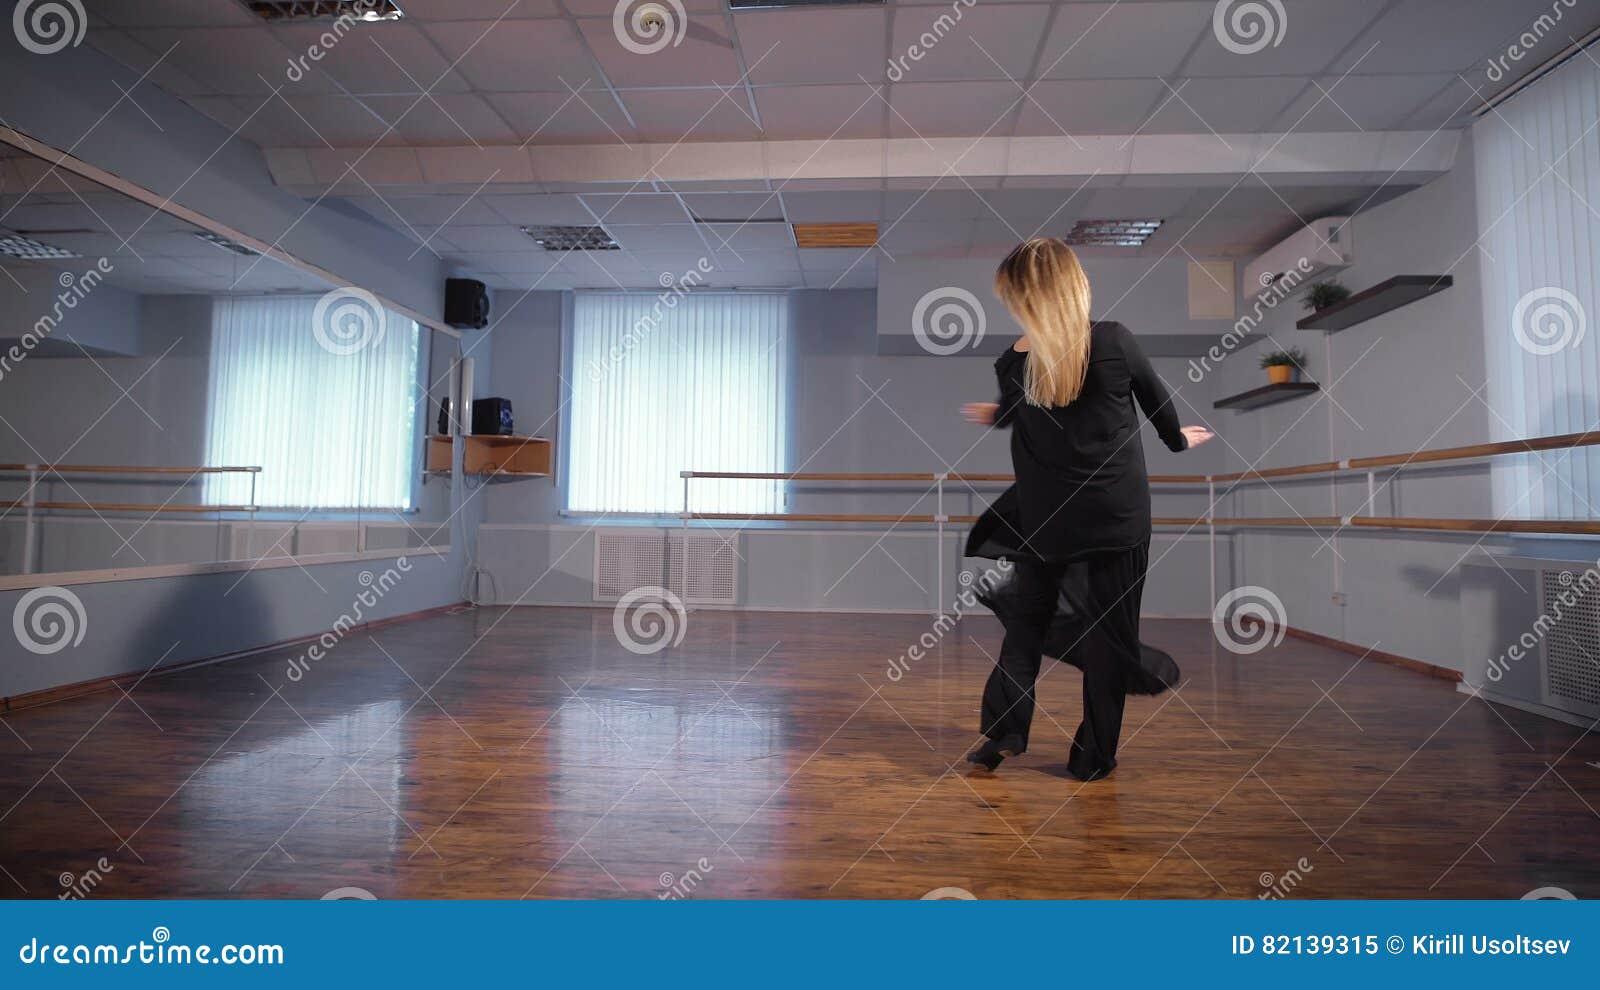 Dancing amateur